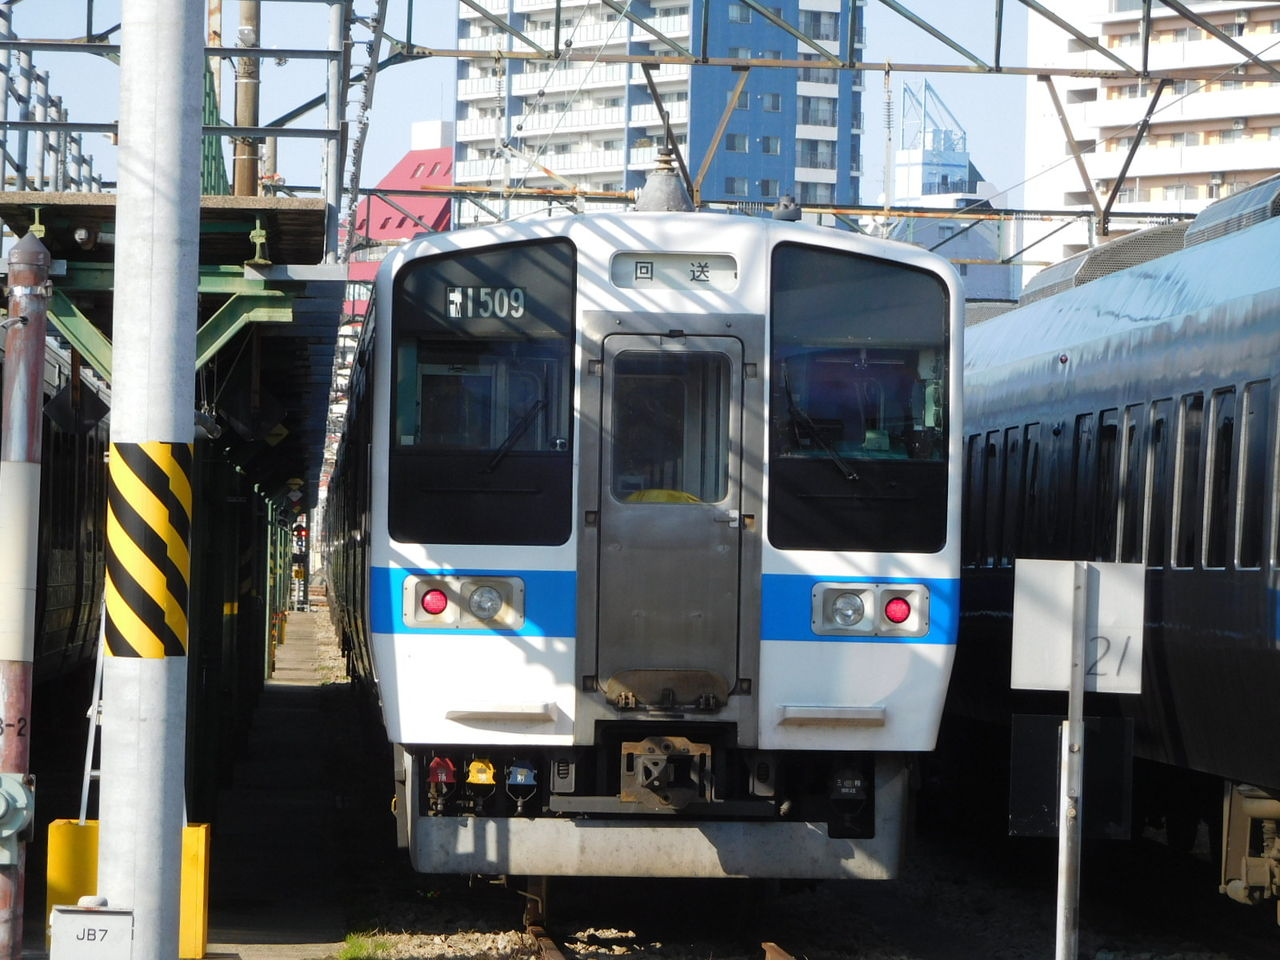 2019/1/27】南福岡電車区で並ぶ最新鋭 : こんで路快速の鉄道ブログ